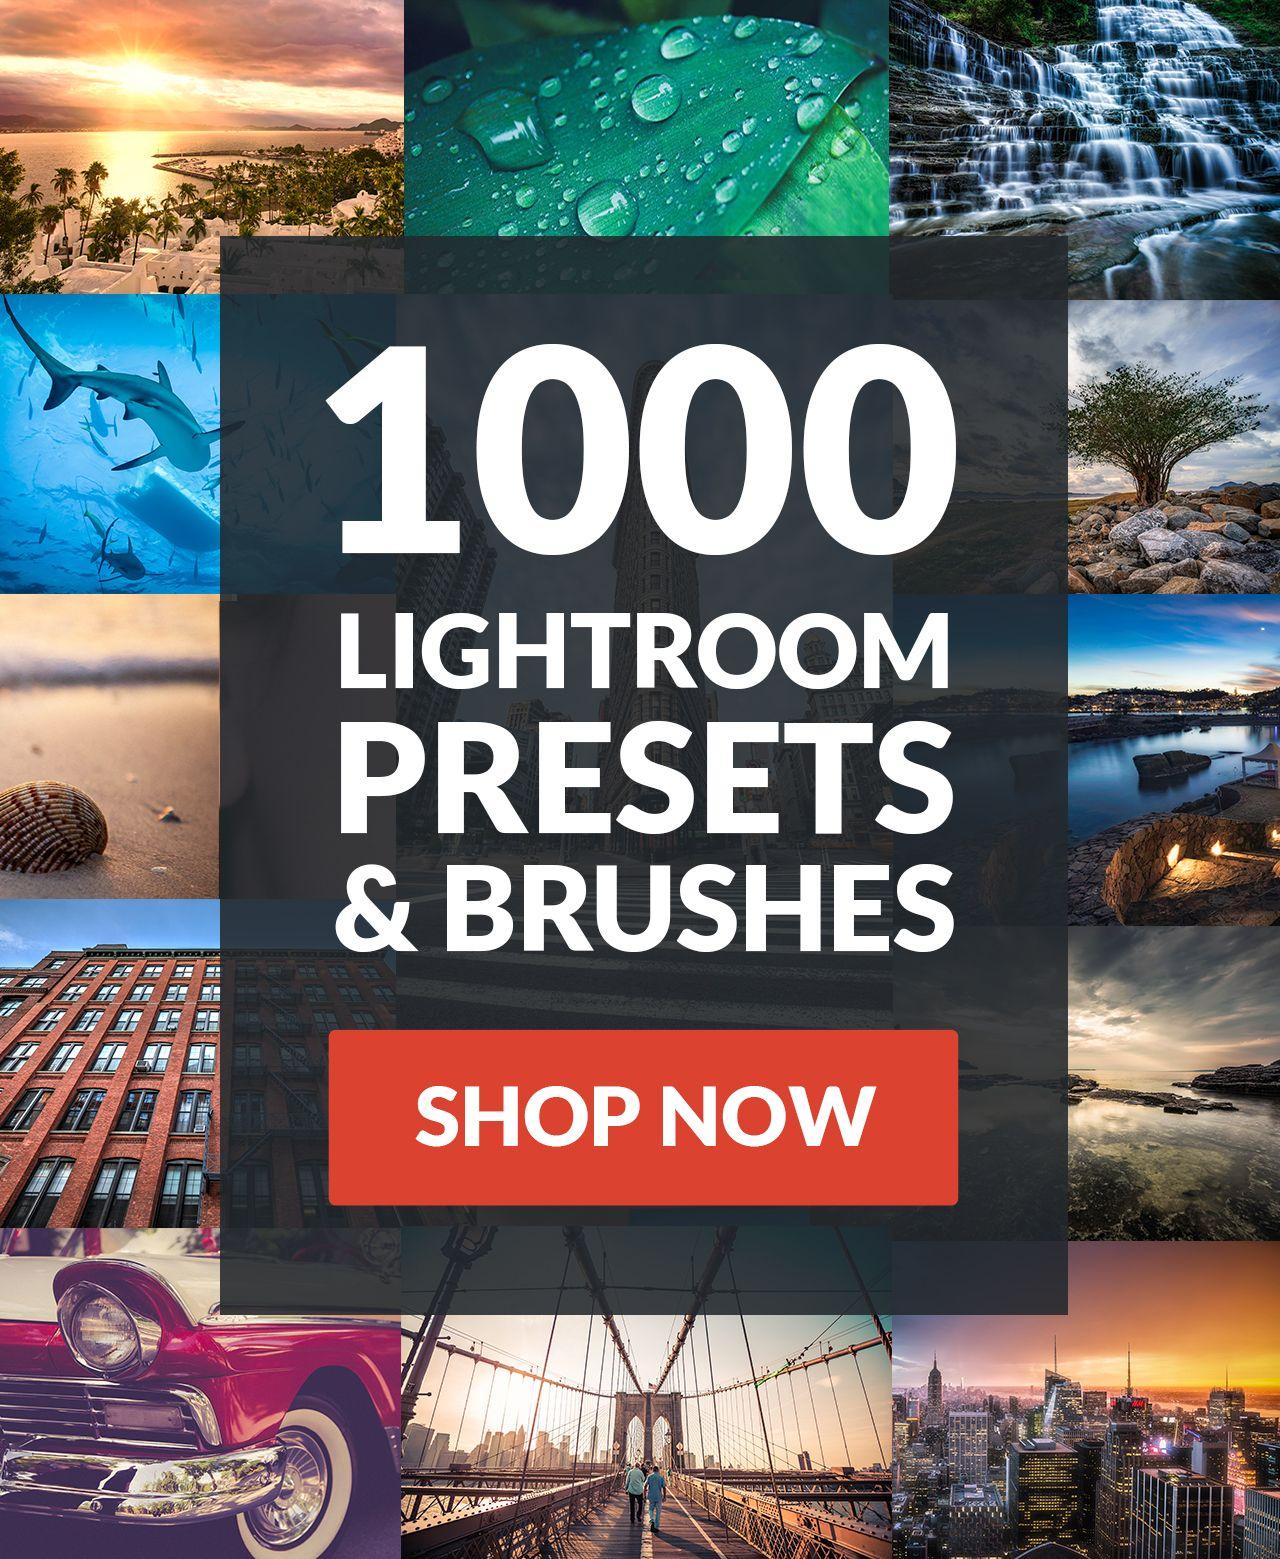 Free lightroom adjustment brushes